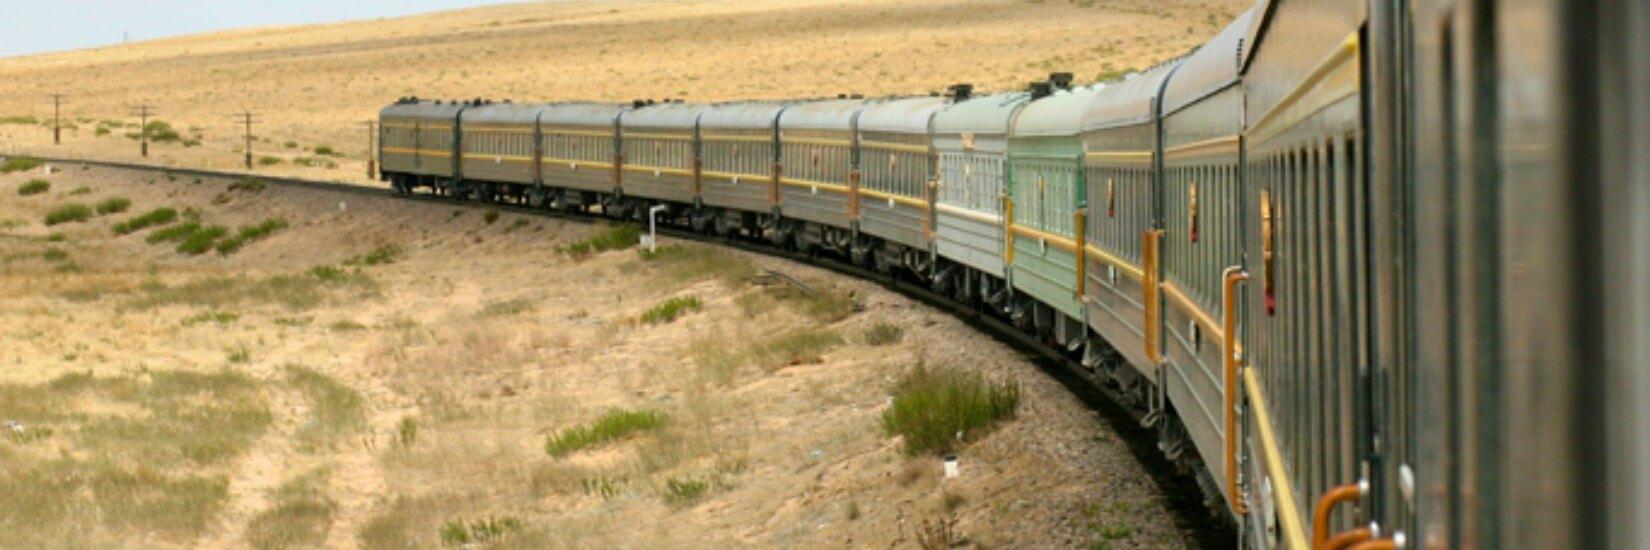 Transmongolie Express naar Beijing